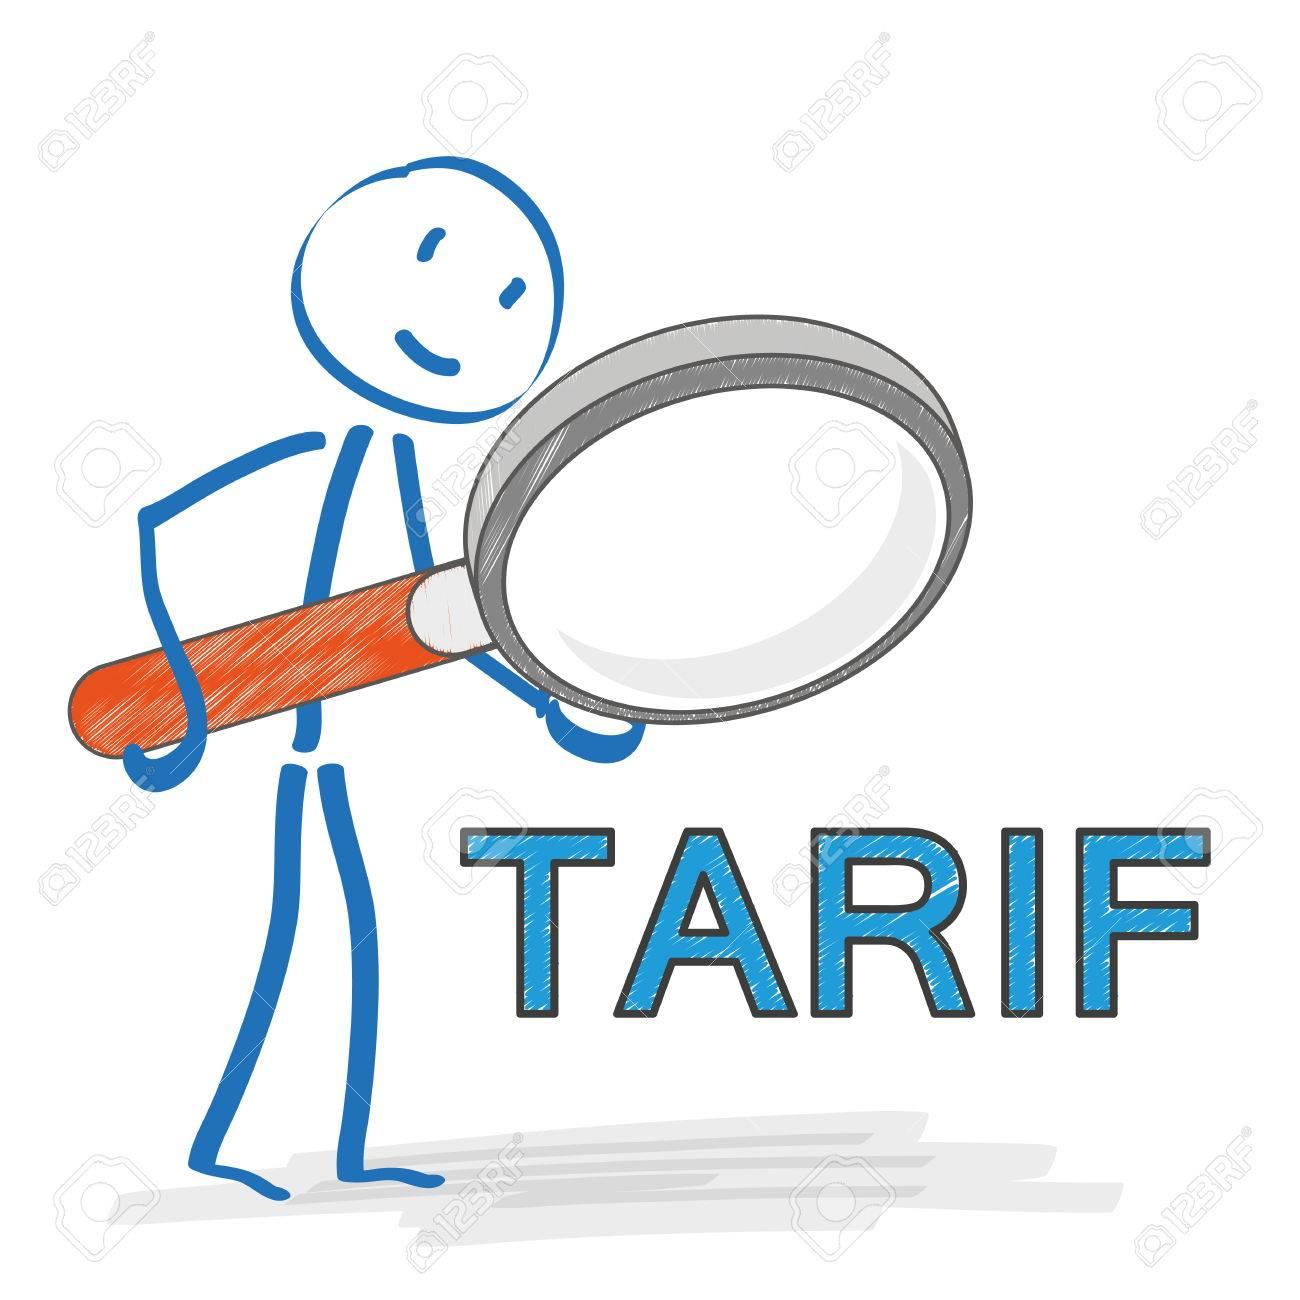 38717705 stickmen avec loupe sur le fond blanc texte allemand quot tarif quot traduisez tarif eps 10 fichie